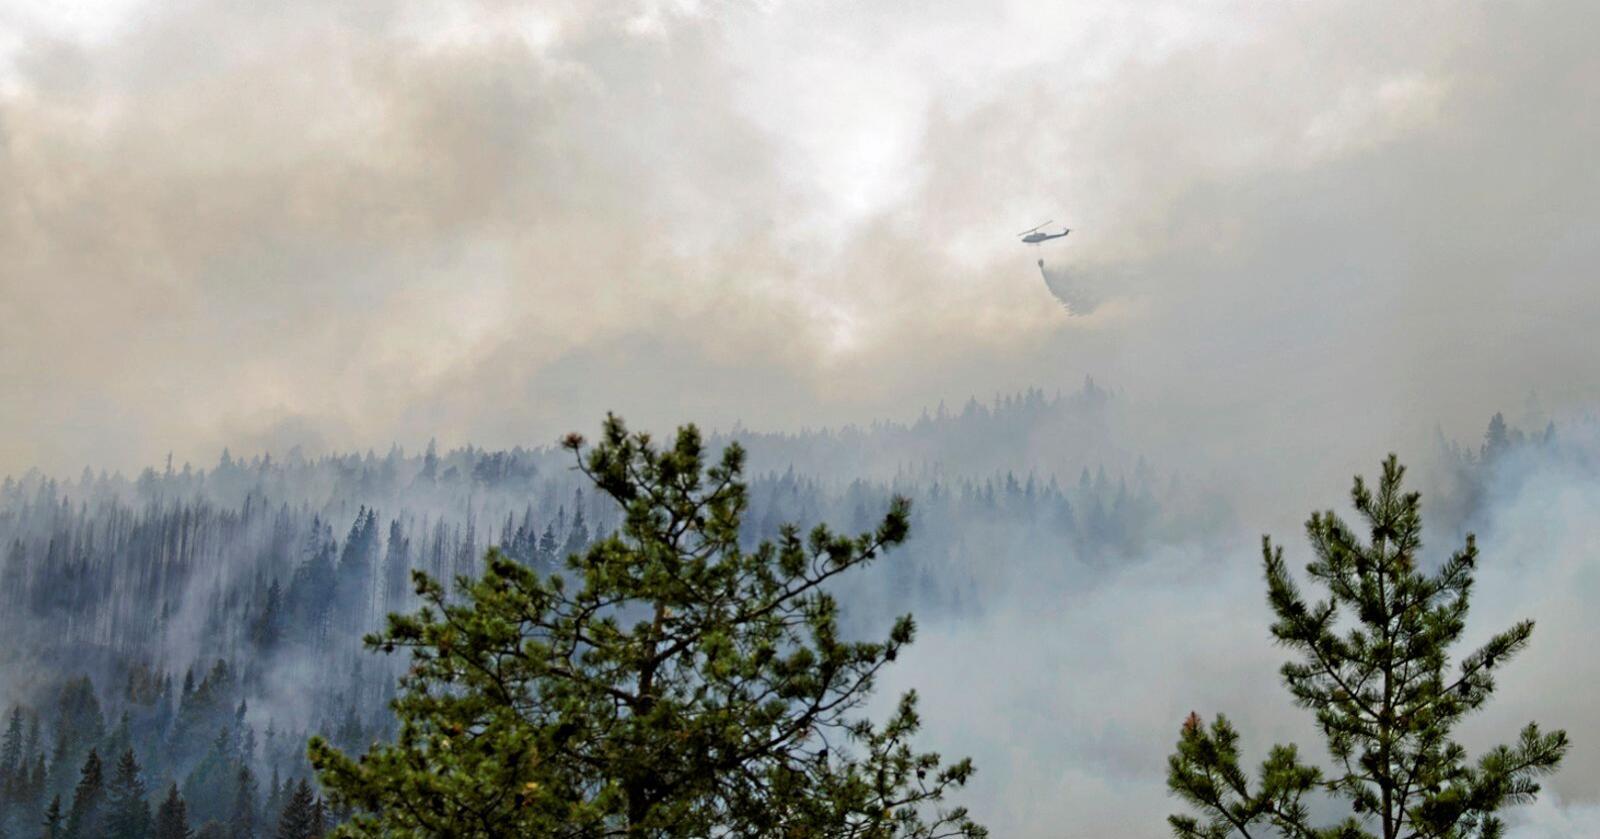 Skogbrann: Skogen er tilpasset brann, og de økologiske virkningene fremstår overveiende positive, skriver kronikkforfatterne. Foto: Lasse Stadeløkken / NTB scanpix